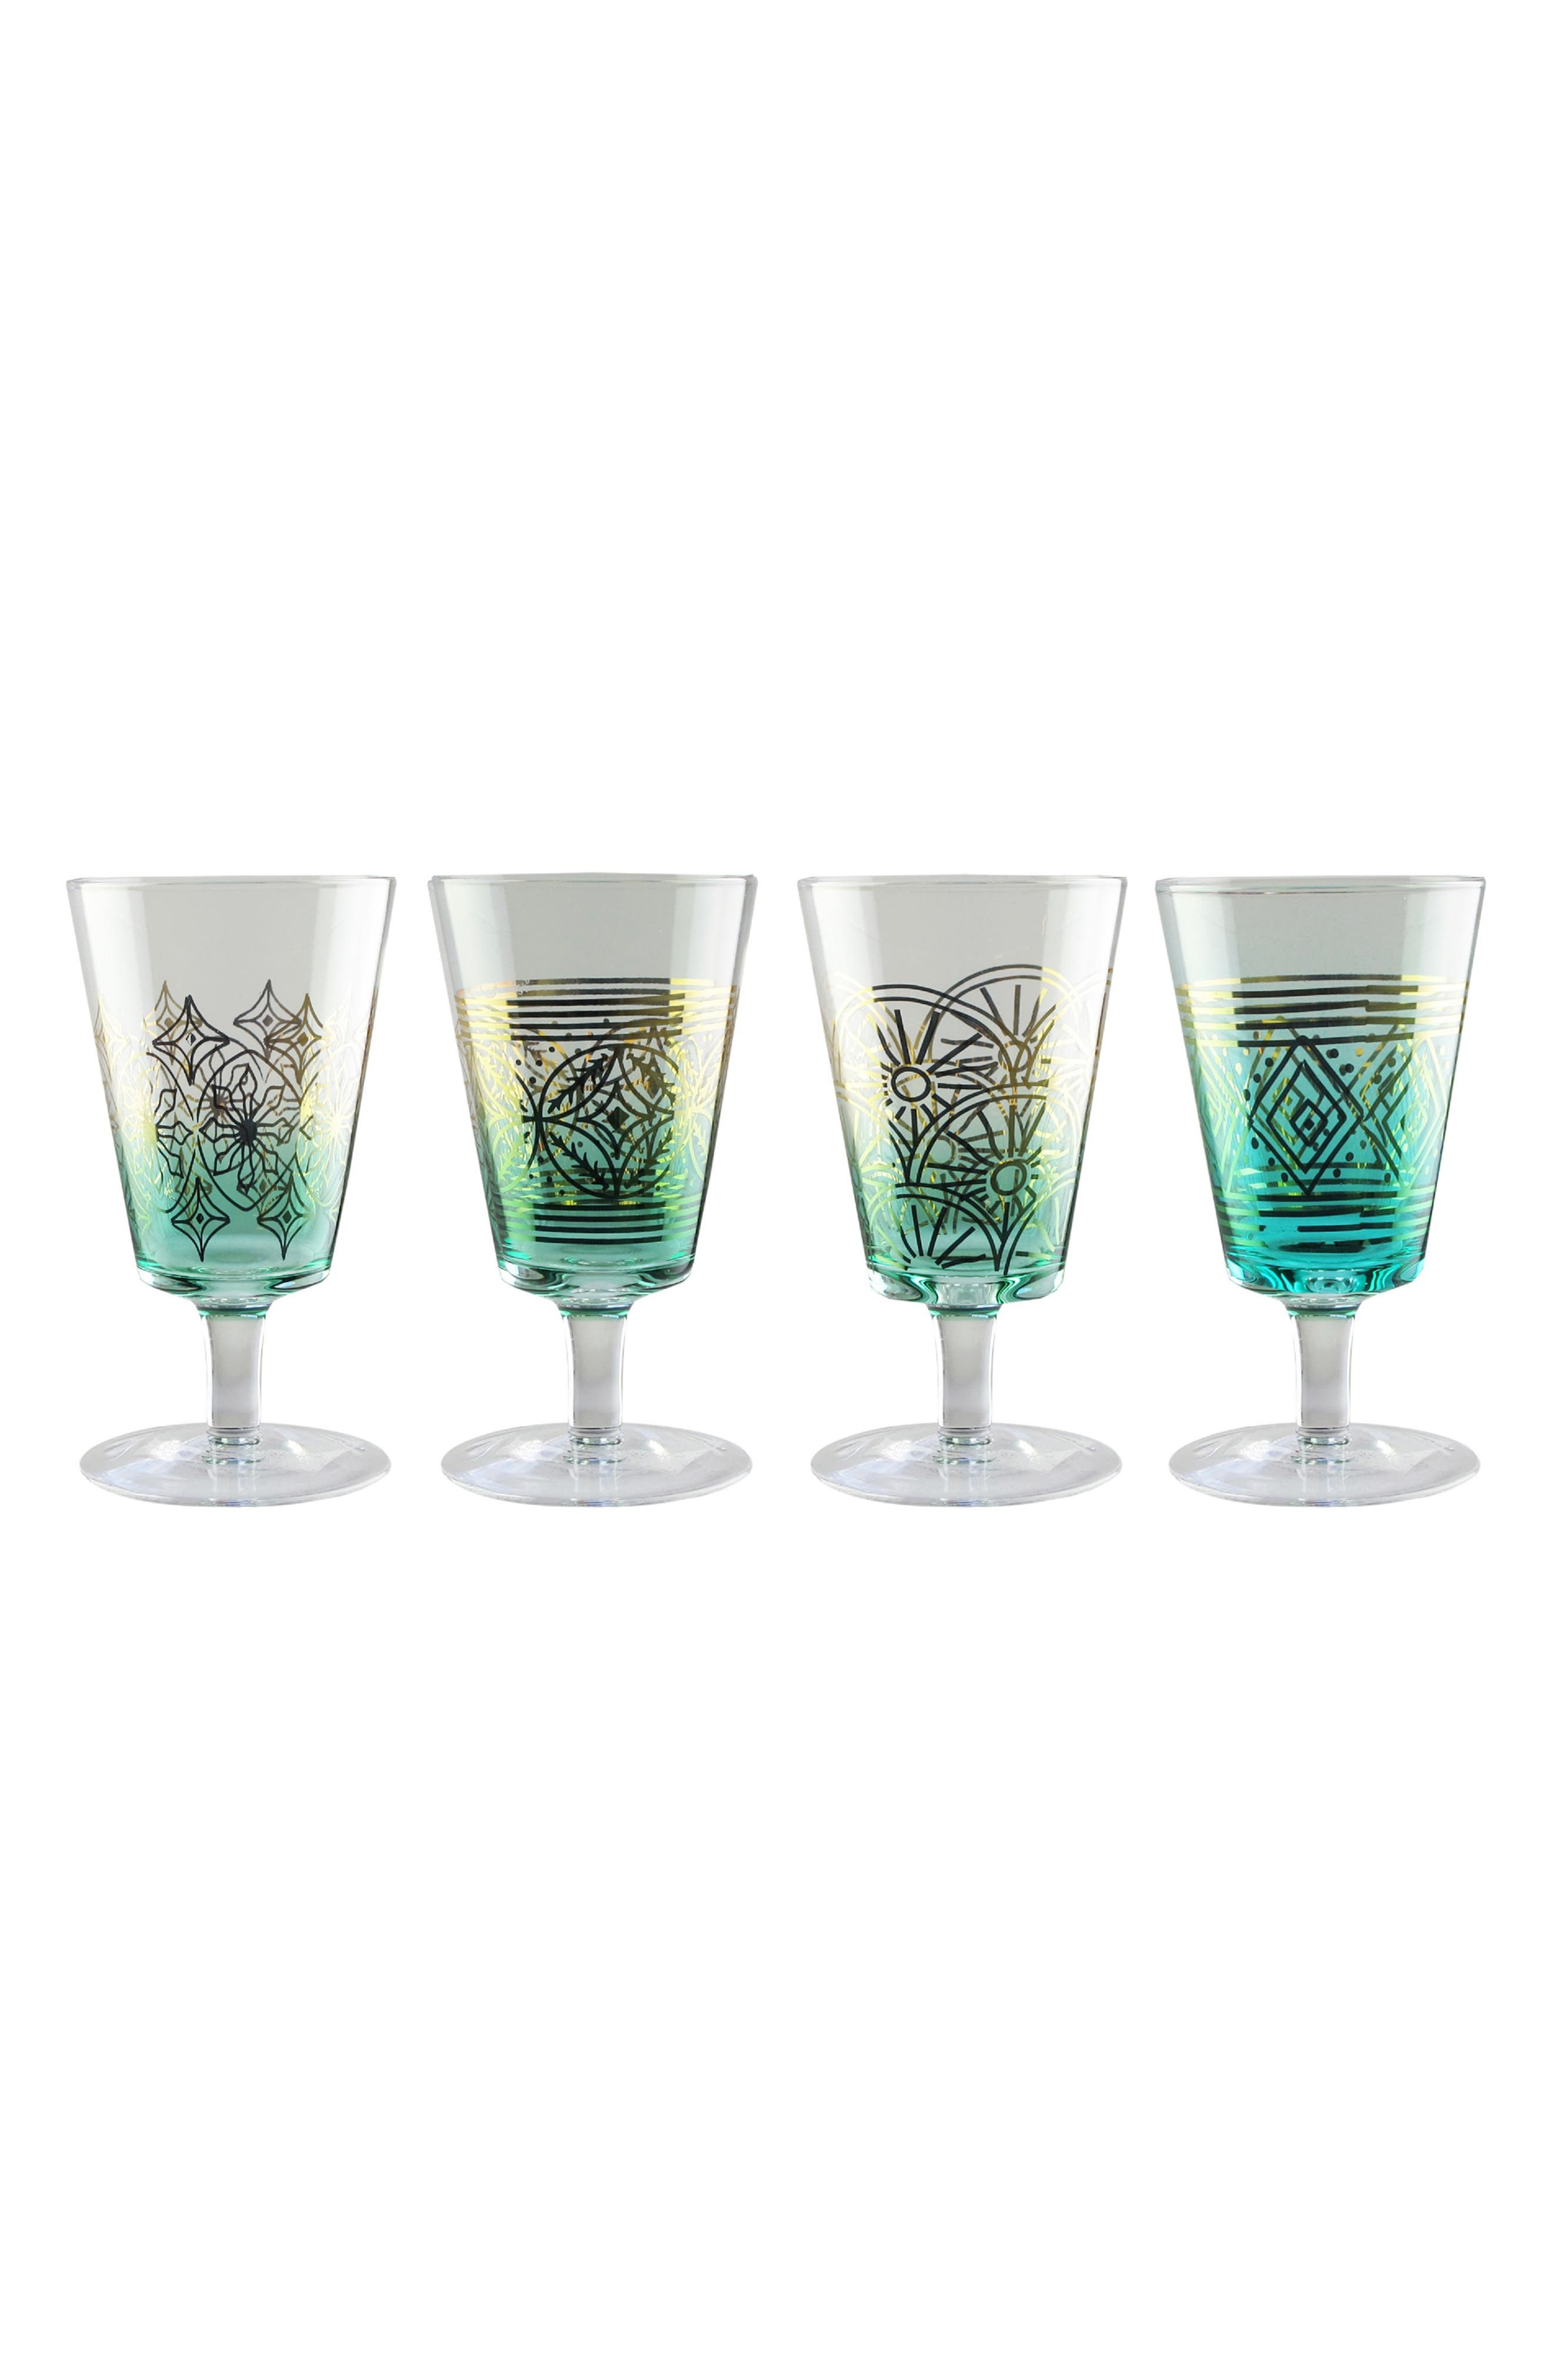 Soirée Set of 4 Wine Glasses, Main, color, TEAL/ GOLD